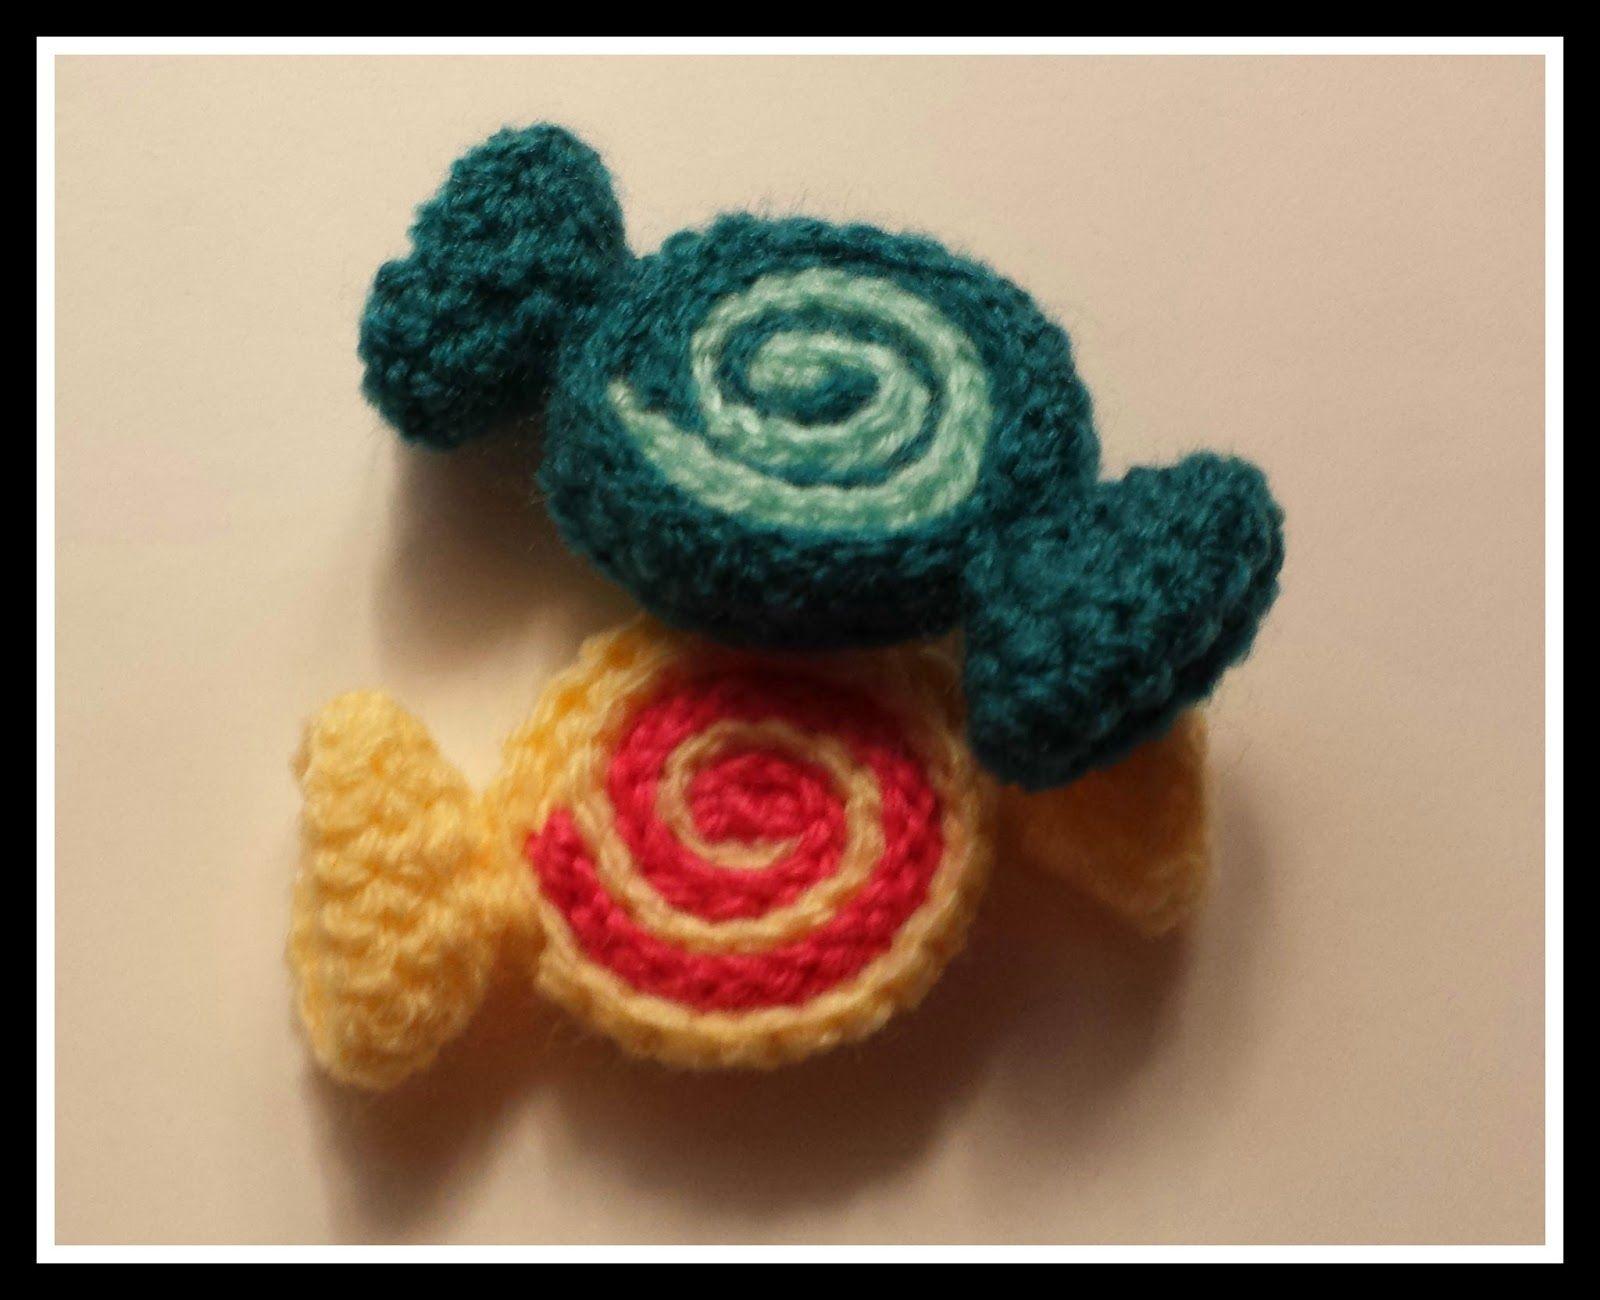 caramella sweet - amigurumi crochet